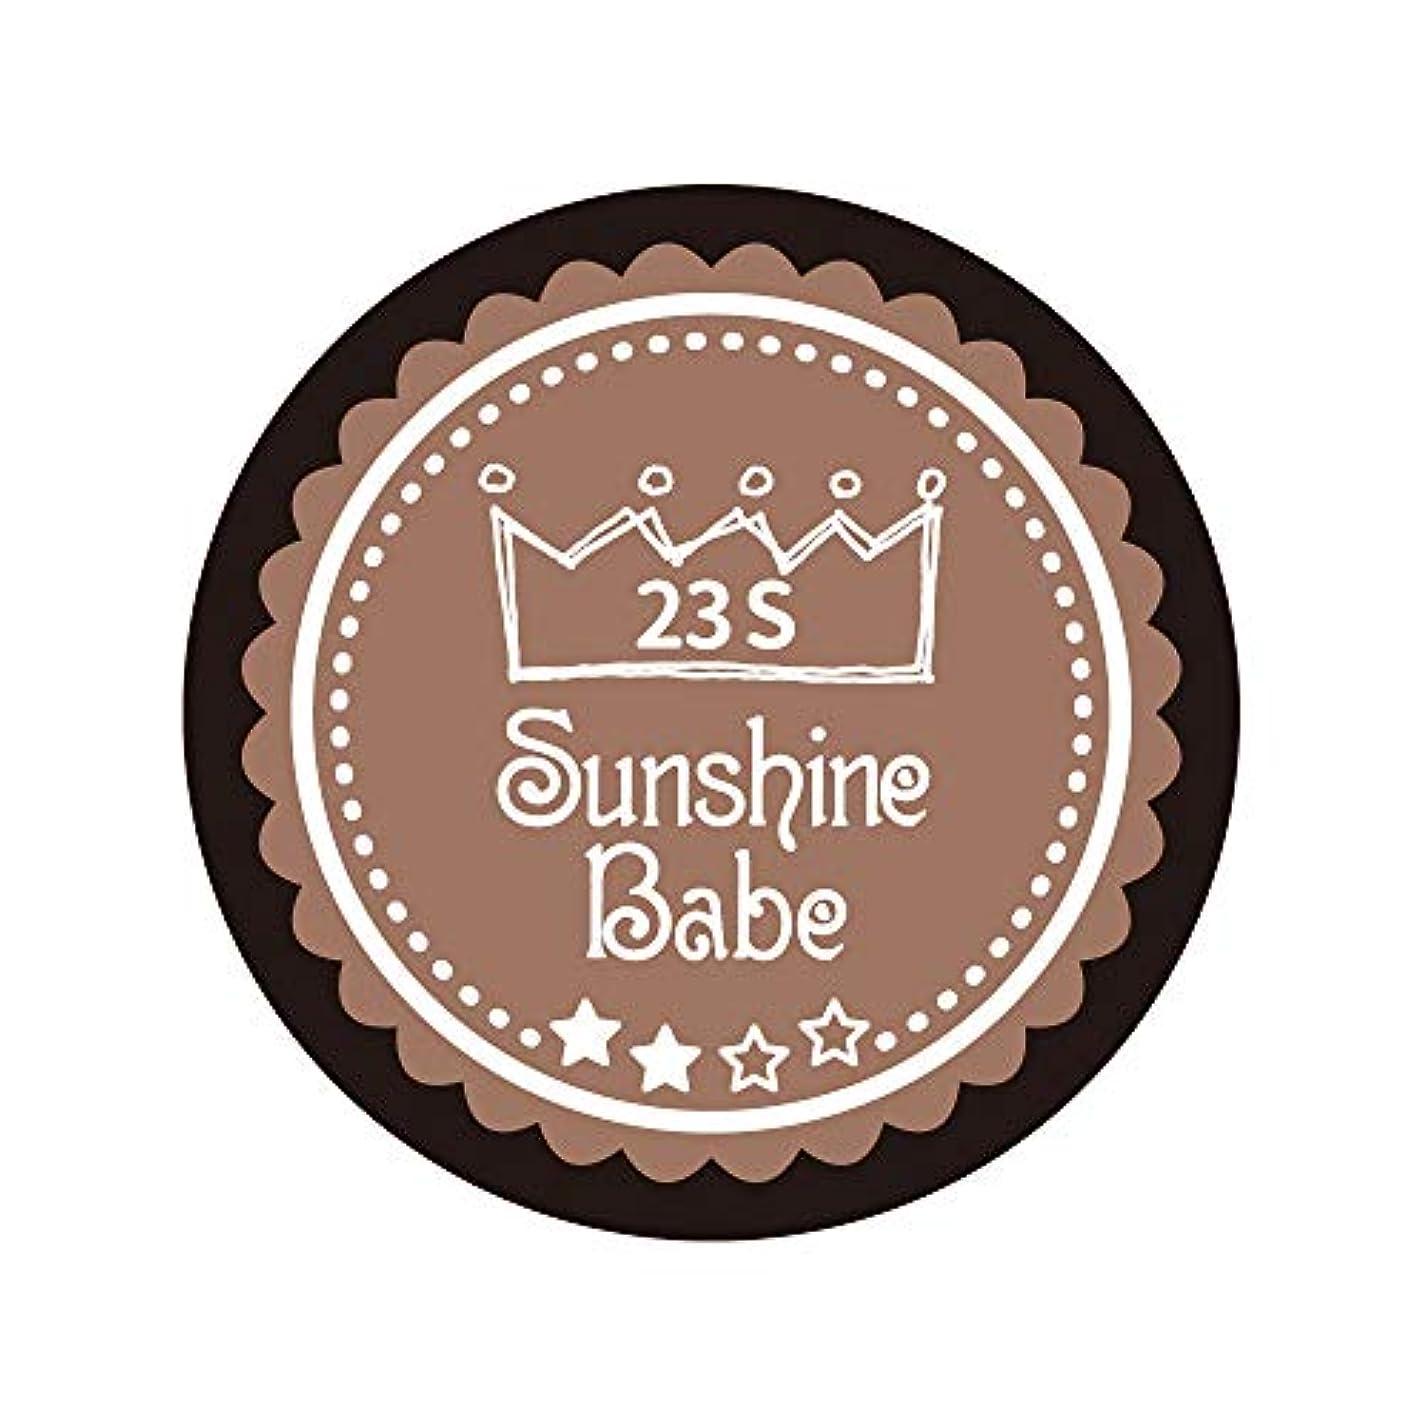 正義正当化するガソリンSunshine Babe カラージェル 23S パティキュリエール 2.7g UV/LED対応